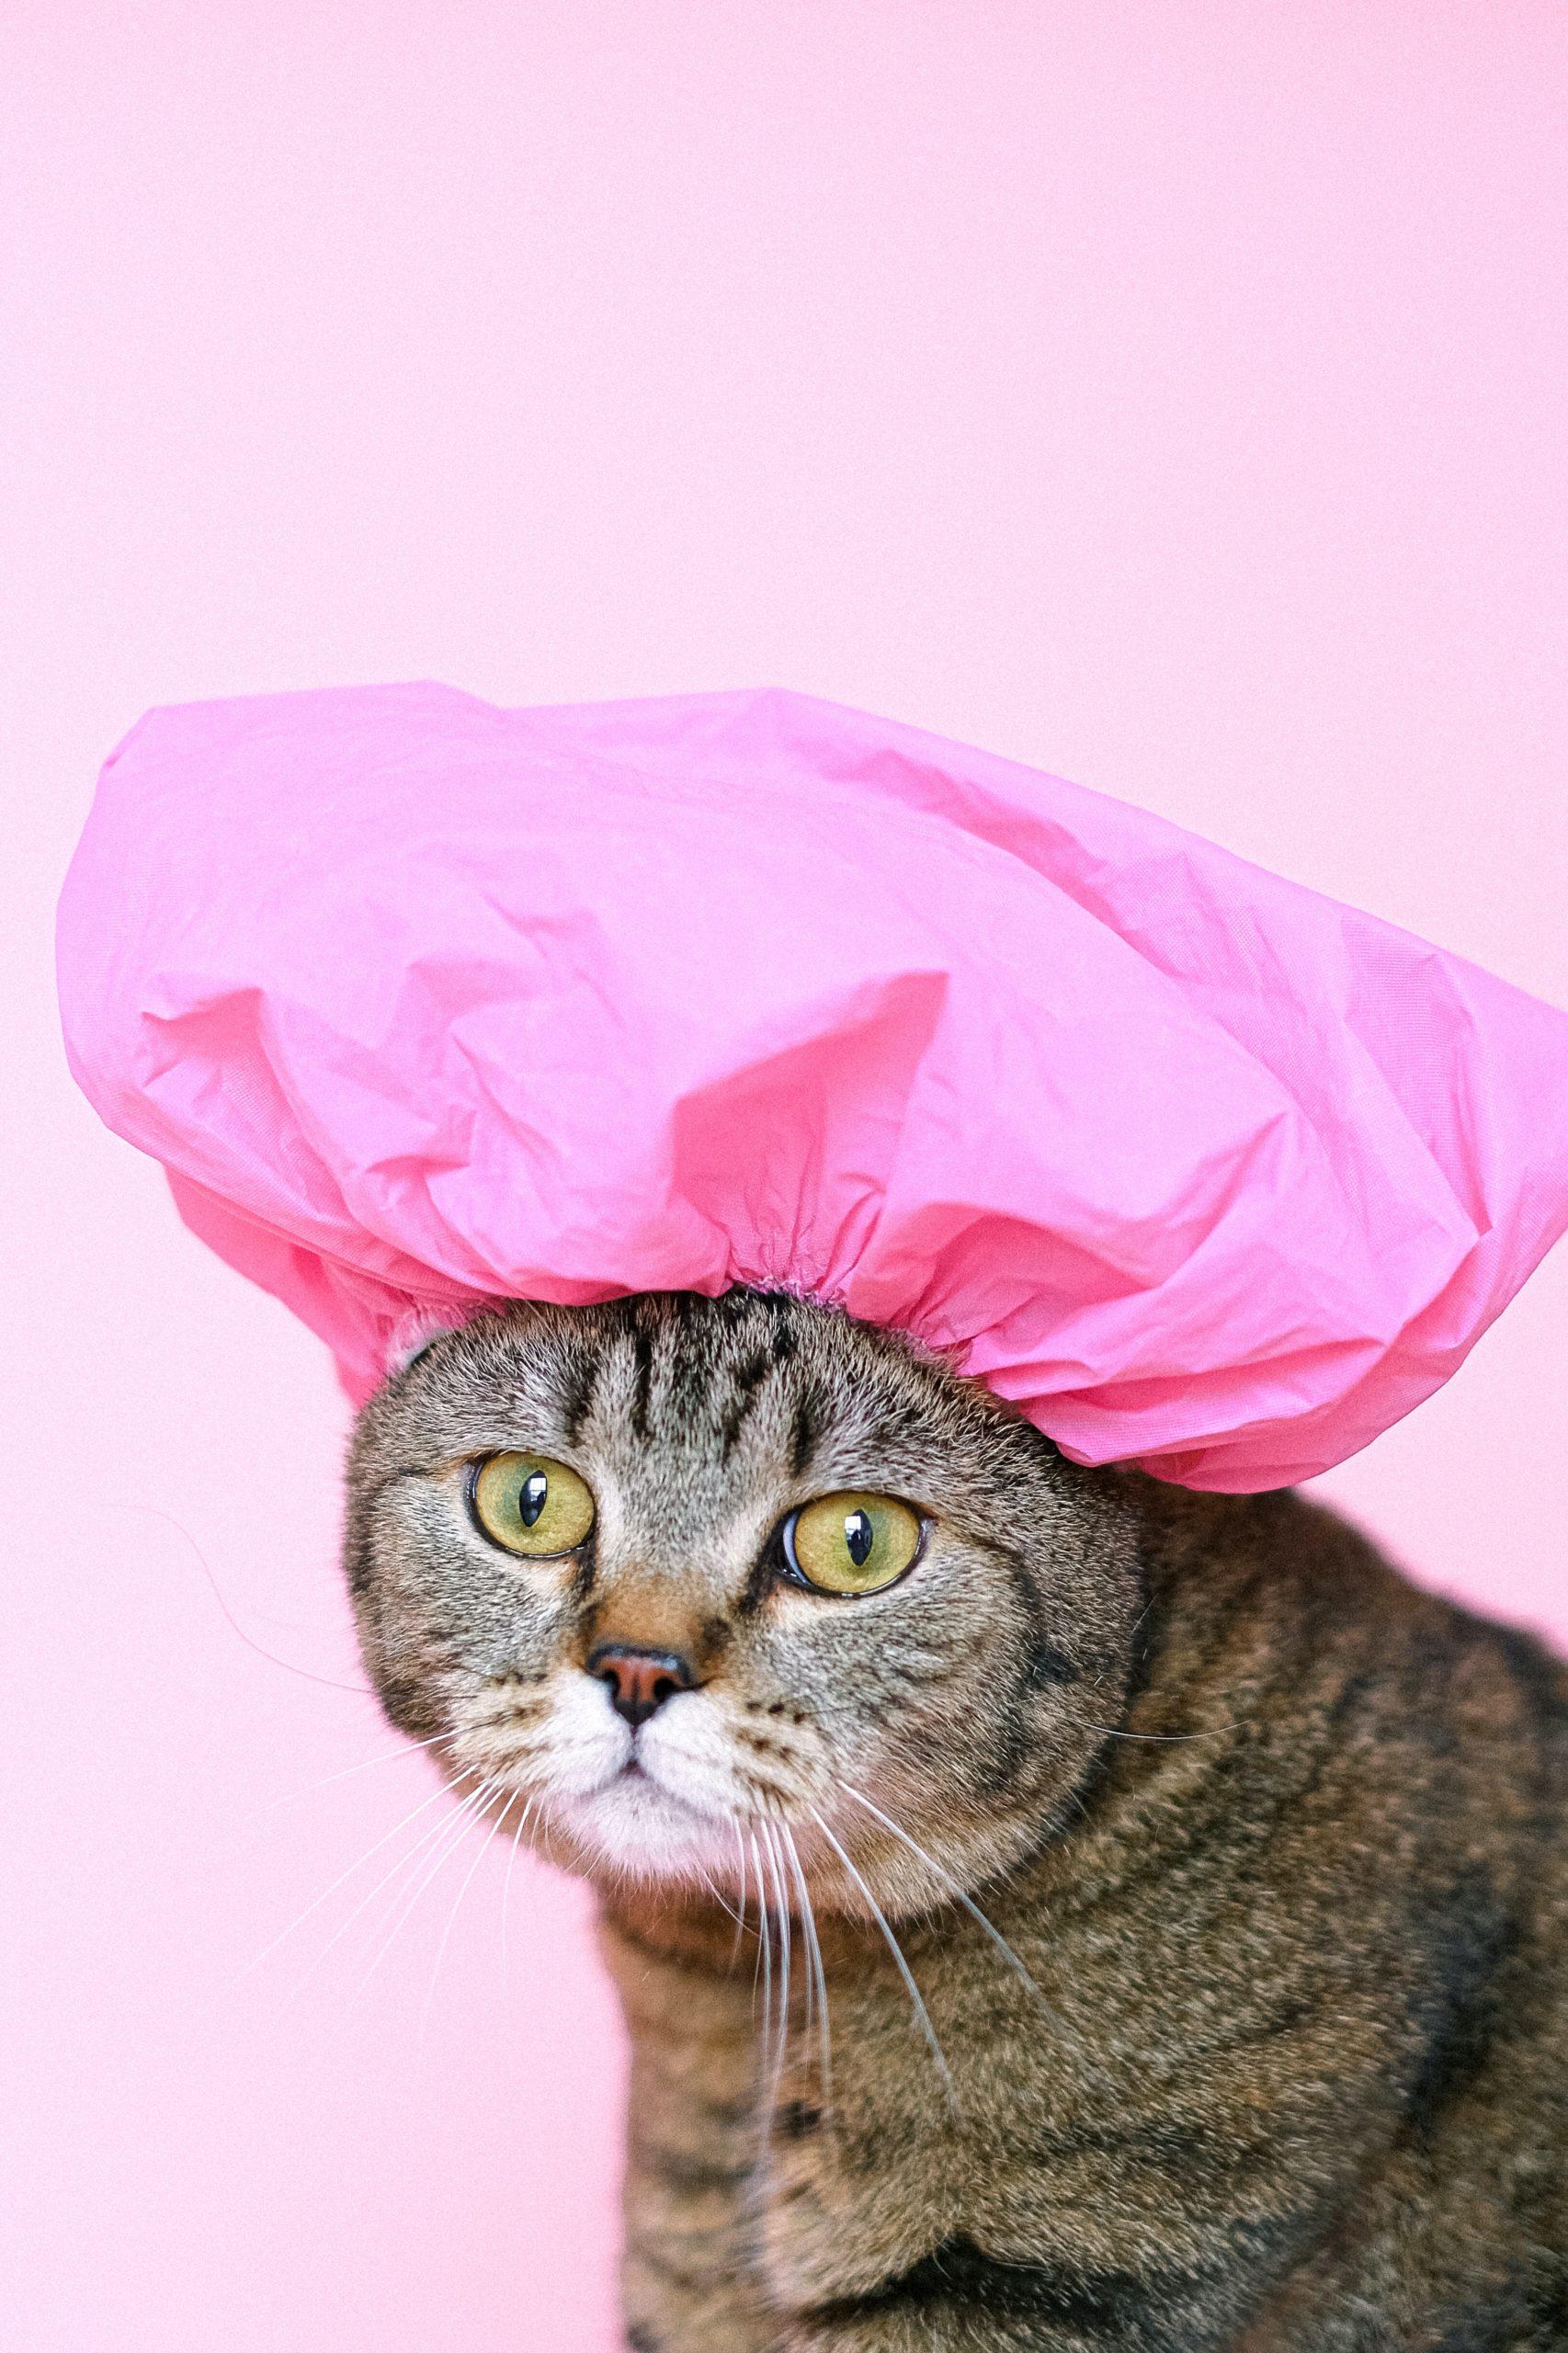 chat en bonne de bain rose